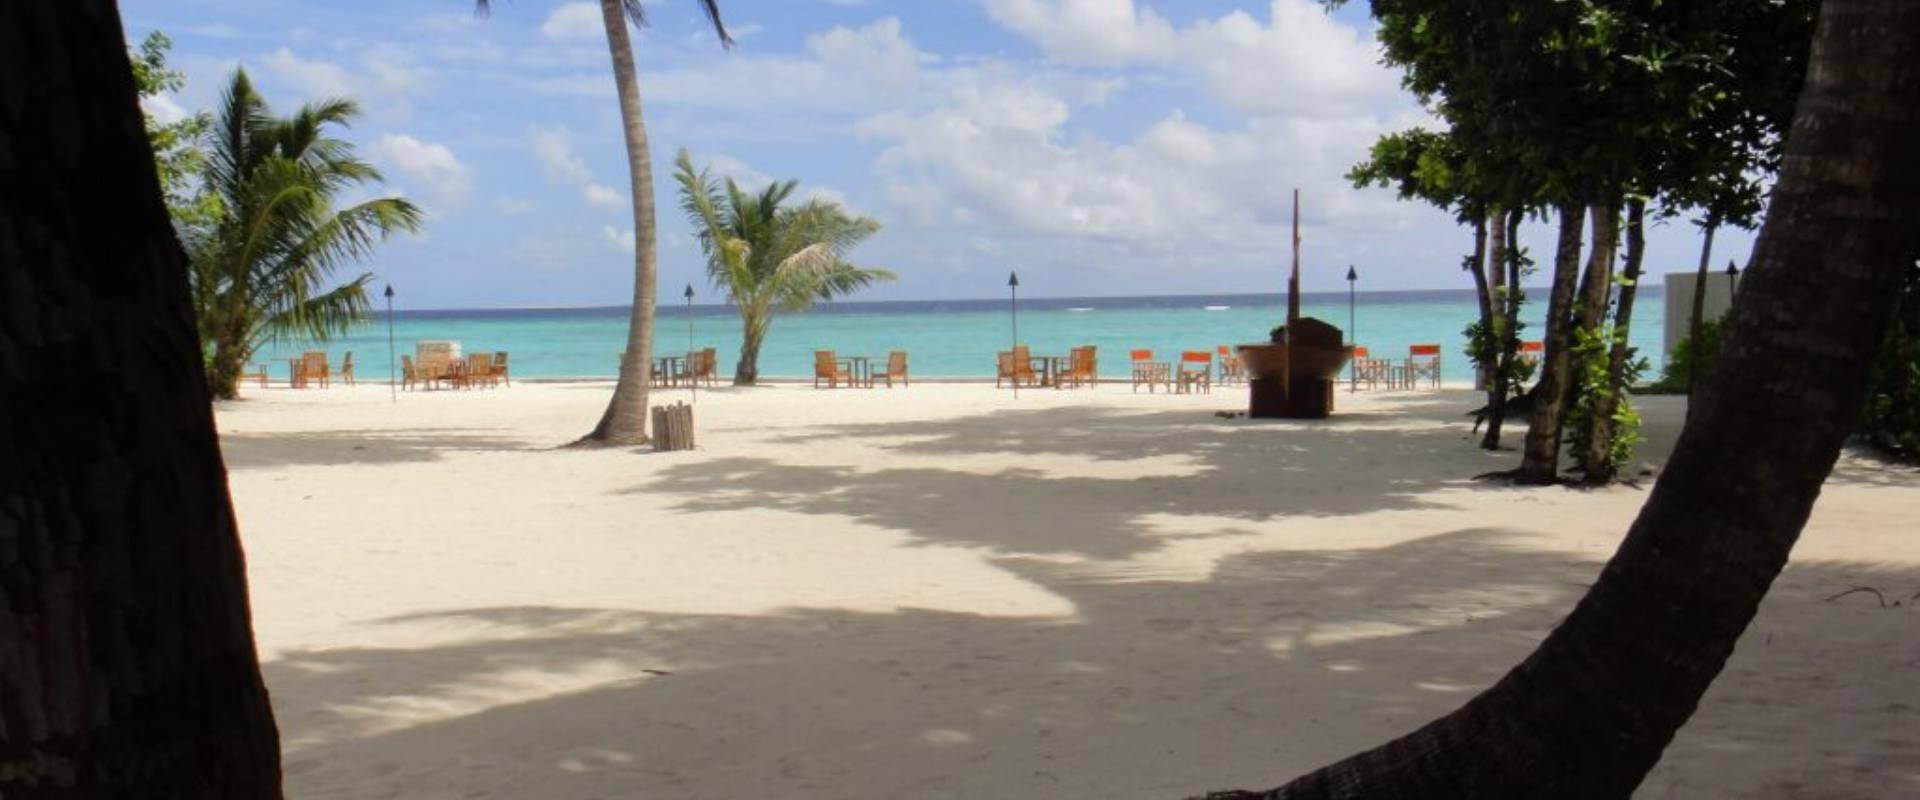 Karen's Favorite Vacation Place Four Seasons Resort Maldives at Landaa Giraavaru